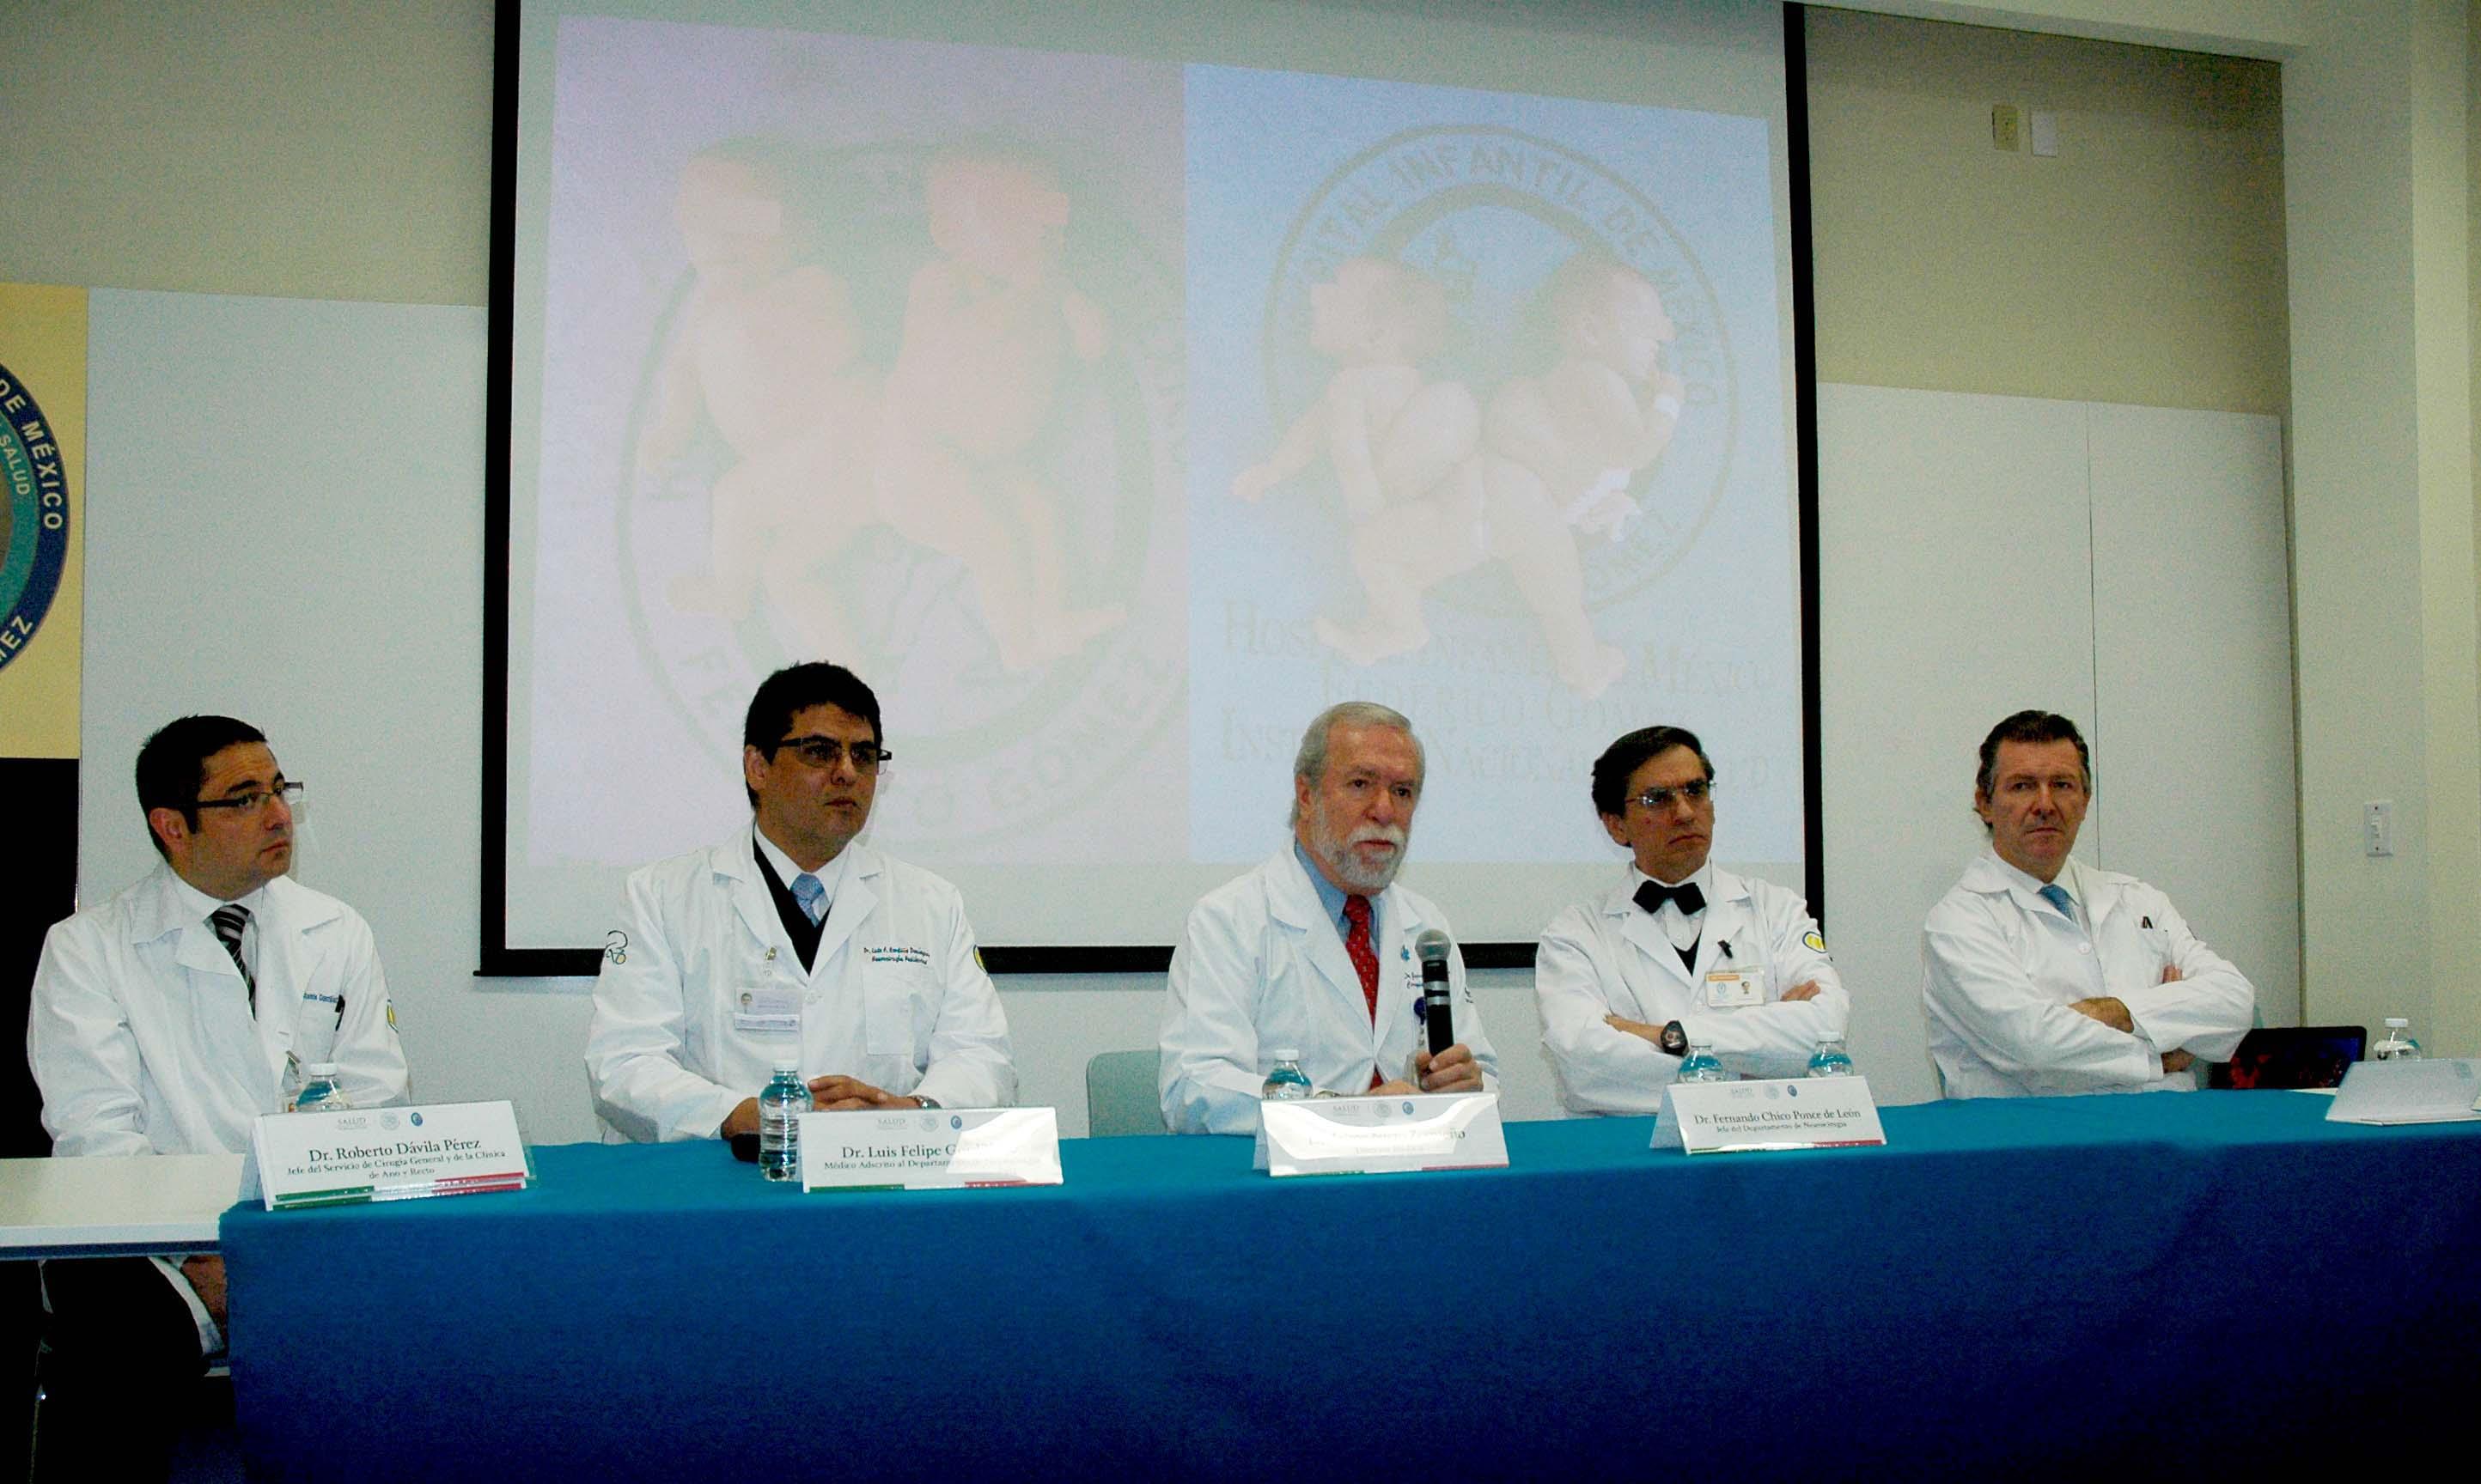 En el Hospital Infantil de México se han llevado a cabo aproximadamente 24 cirugías en los últimos 36 años.